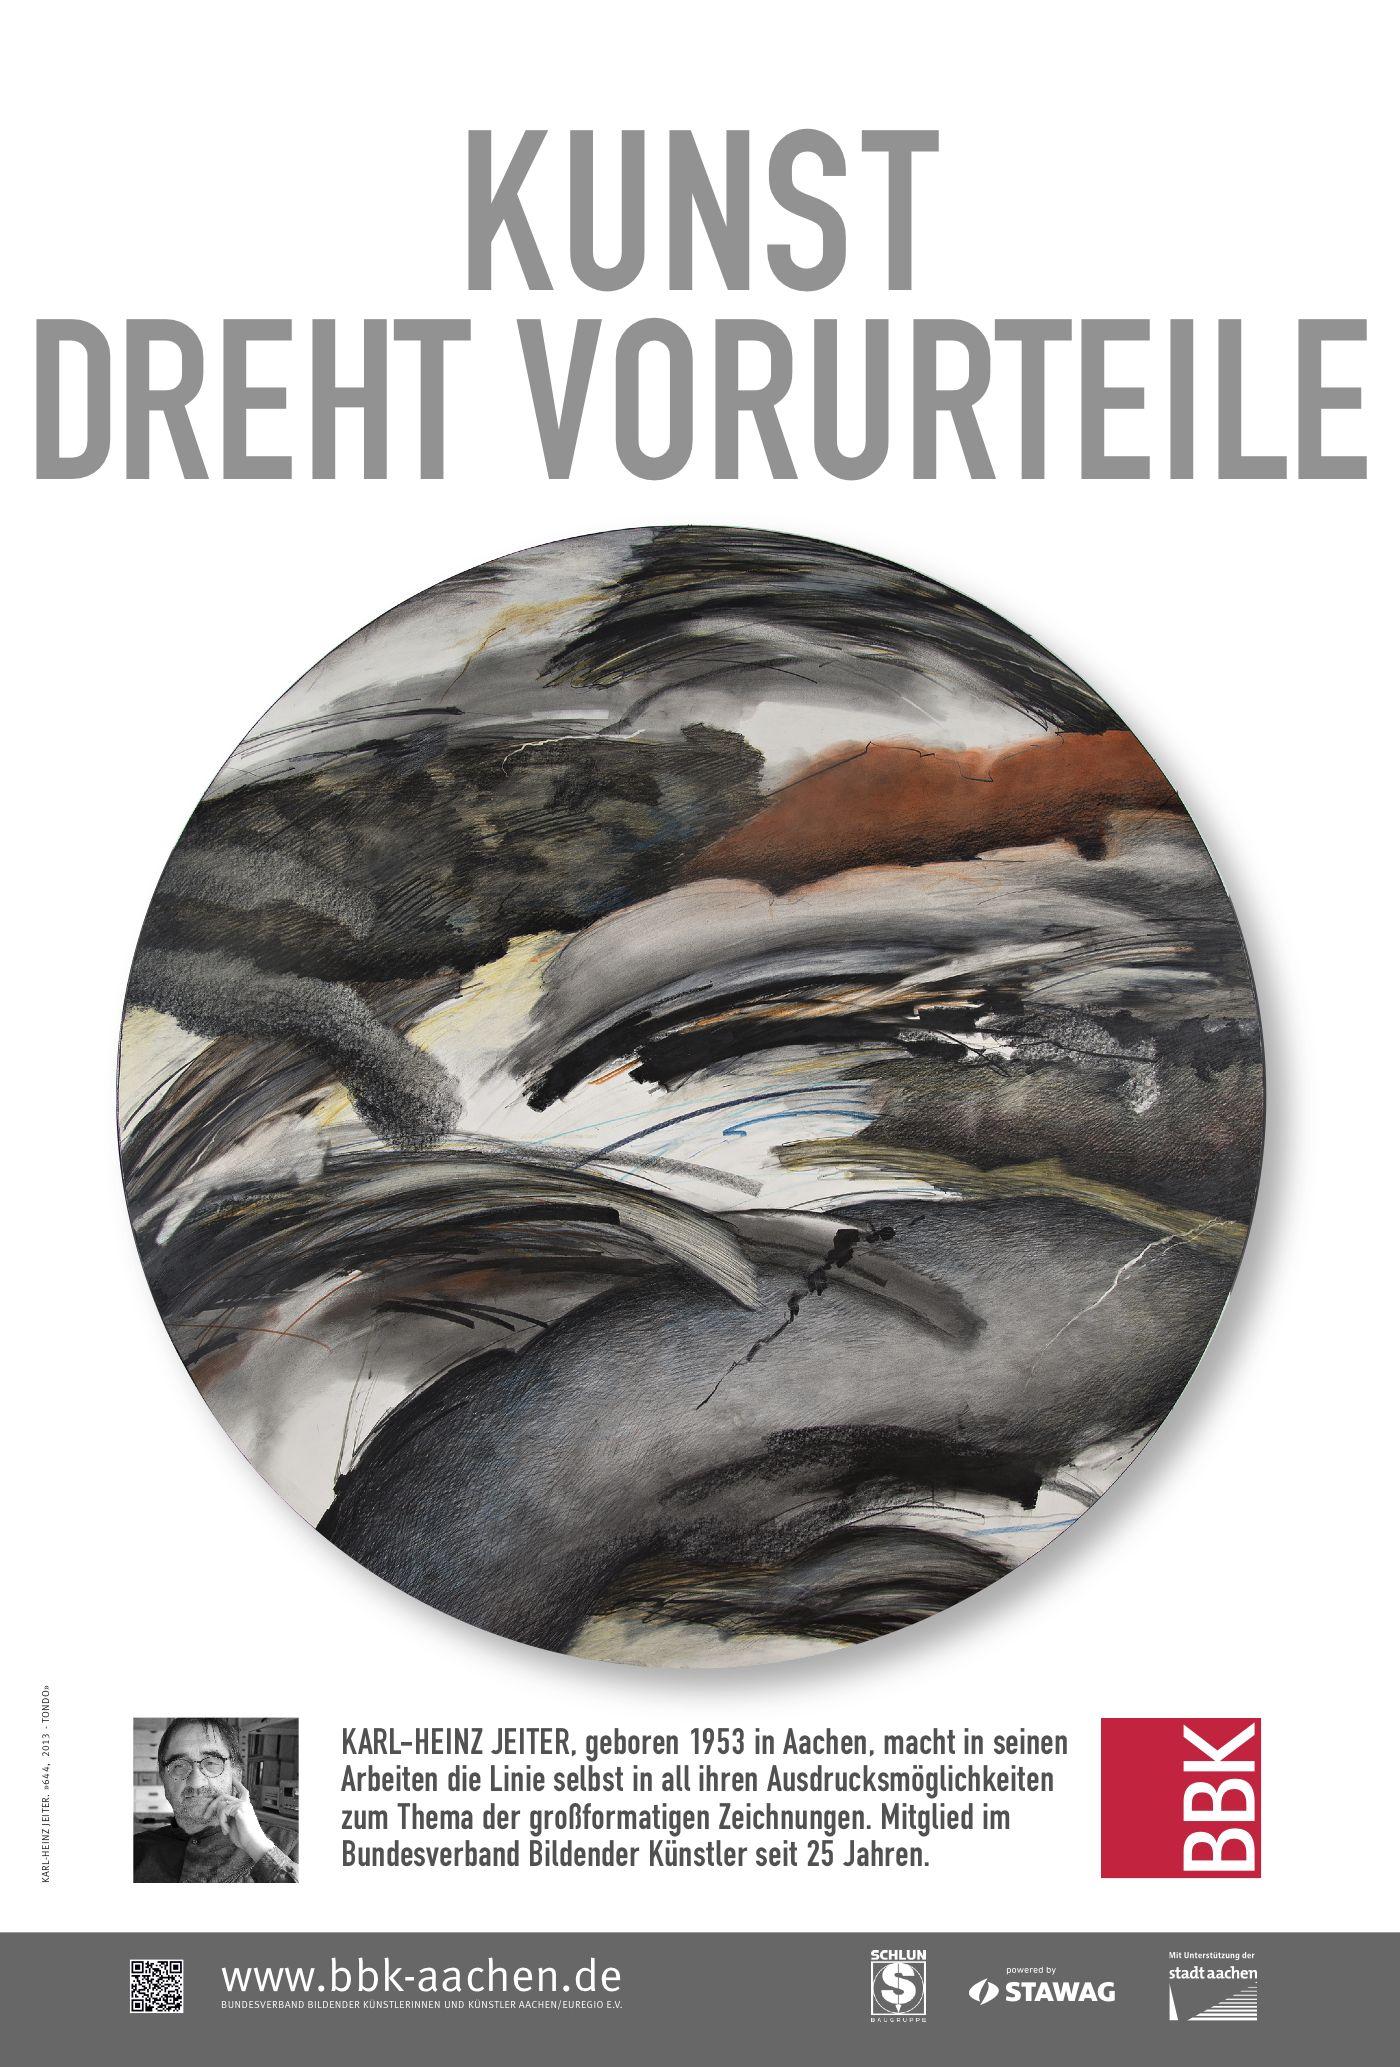 Karl-Heinz Jeiter »644, 2013 - Tondo»